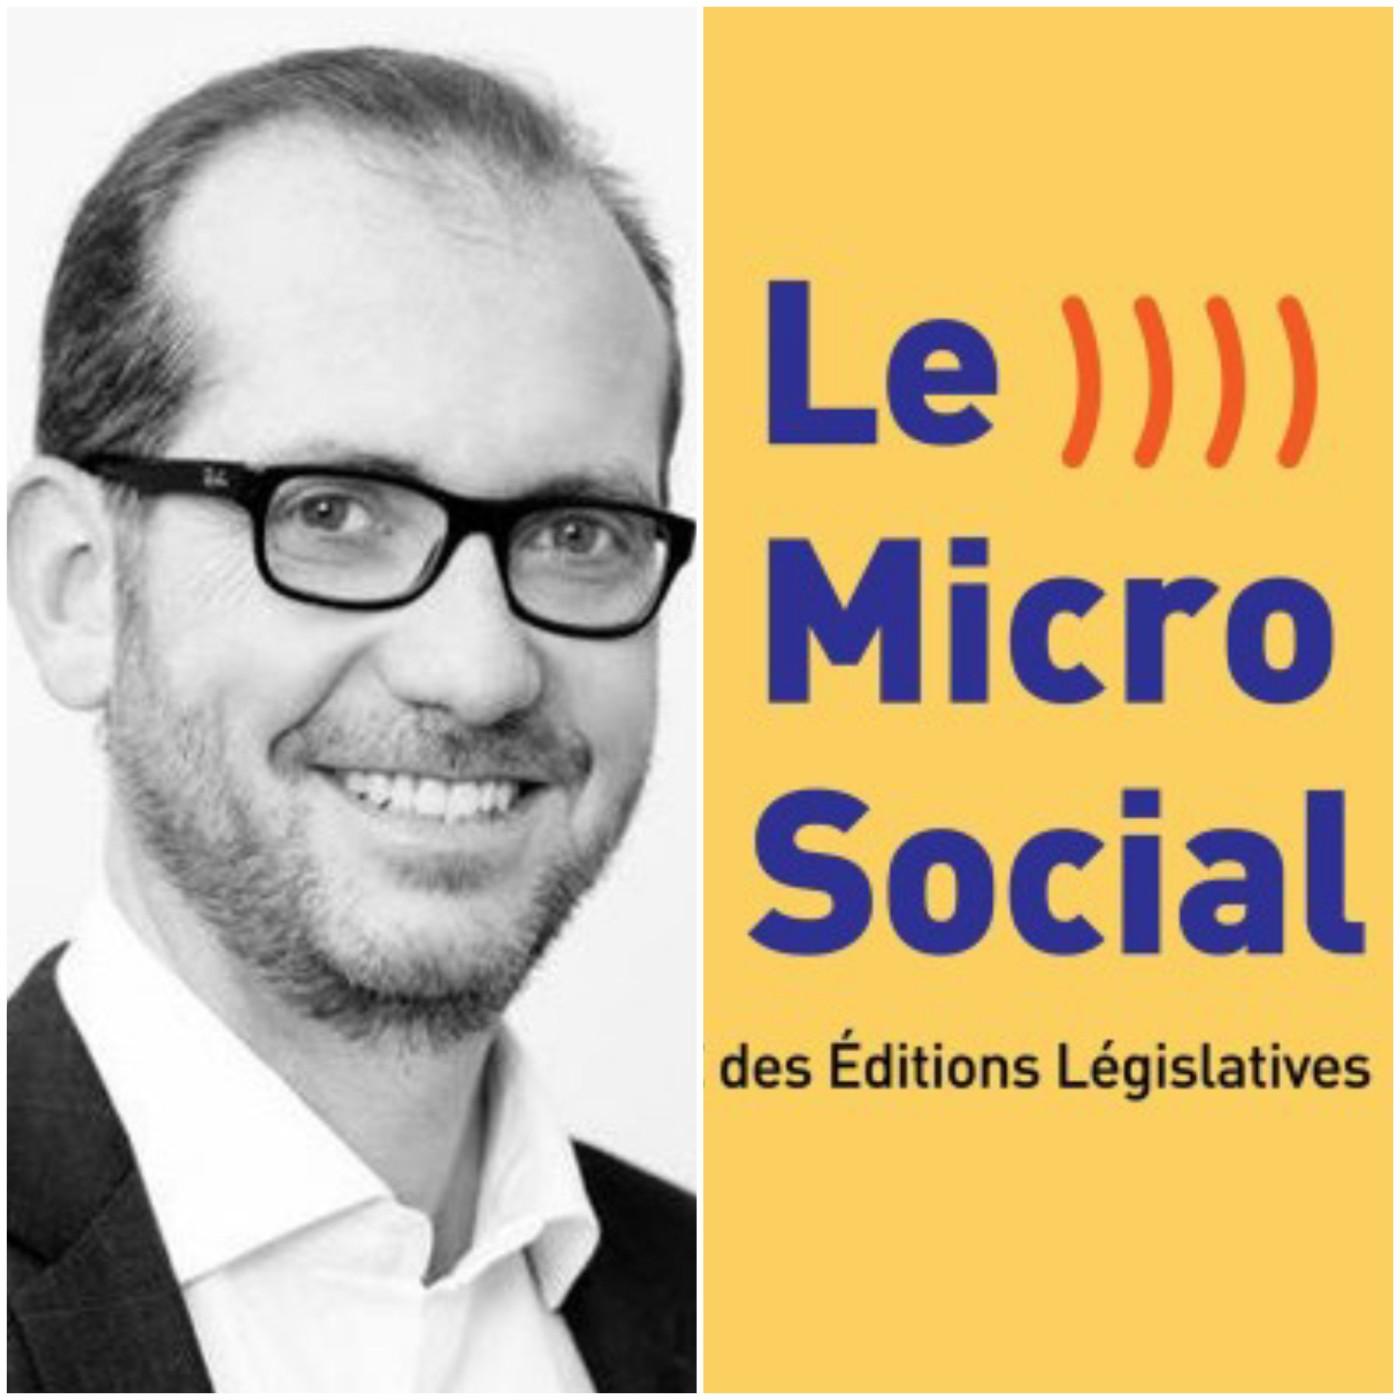 [Episode 8] 3 ans de réformes du droit du travail : l'analyse de l'avocat Etienne Pujol (BerryLaw)